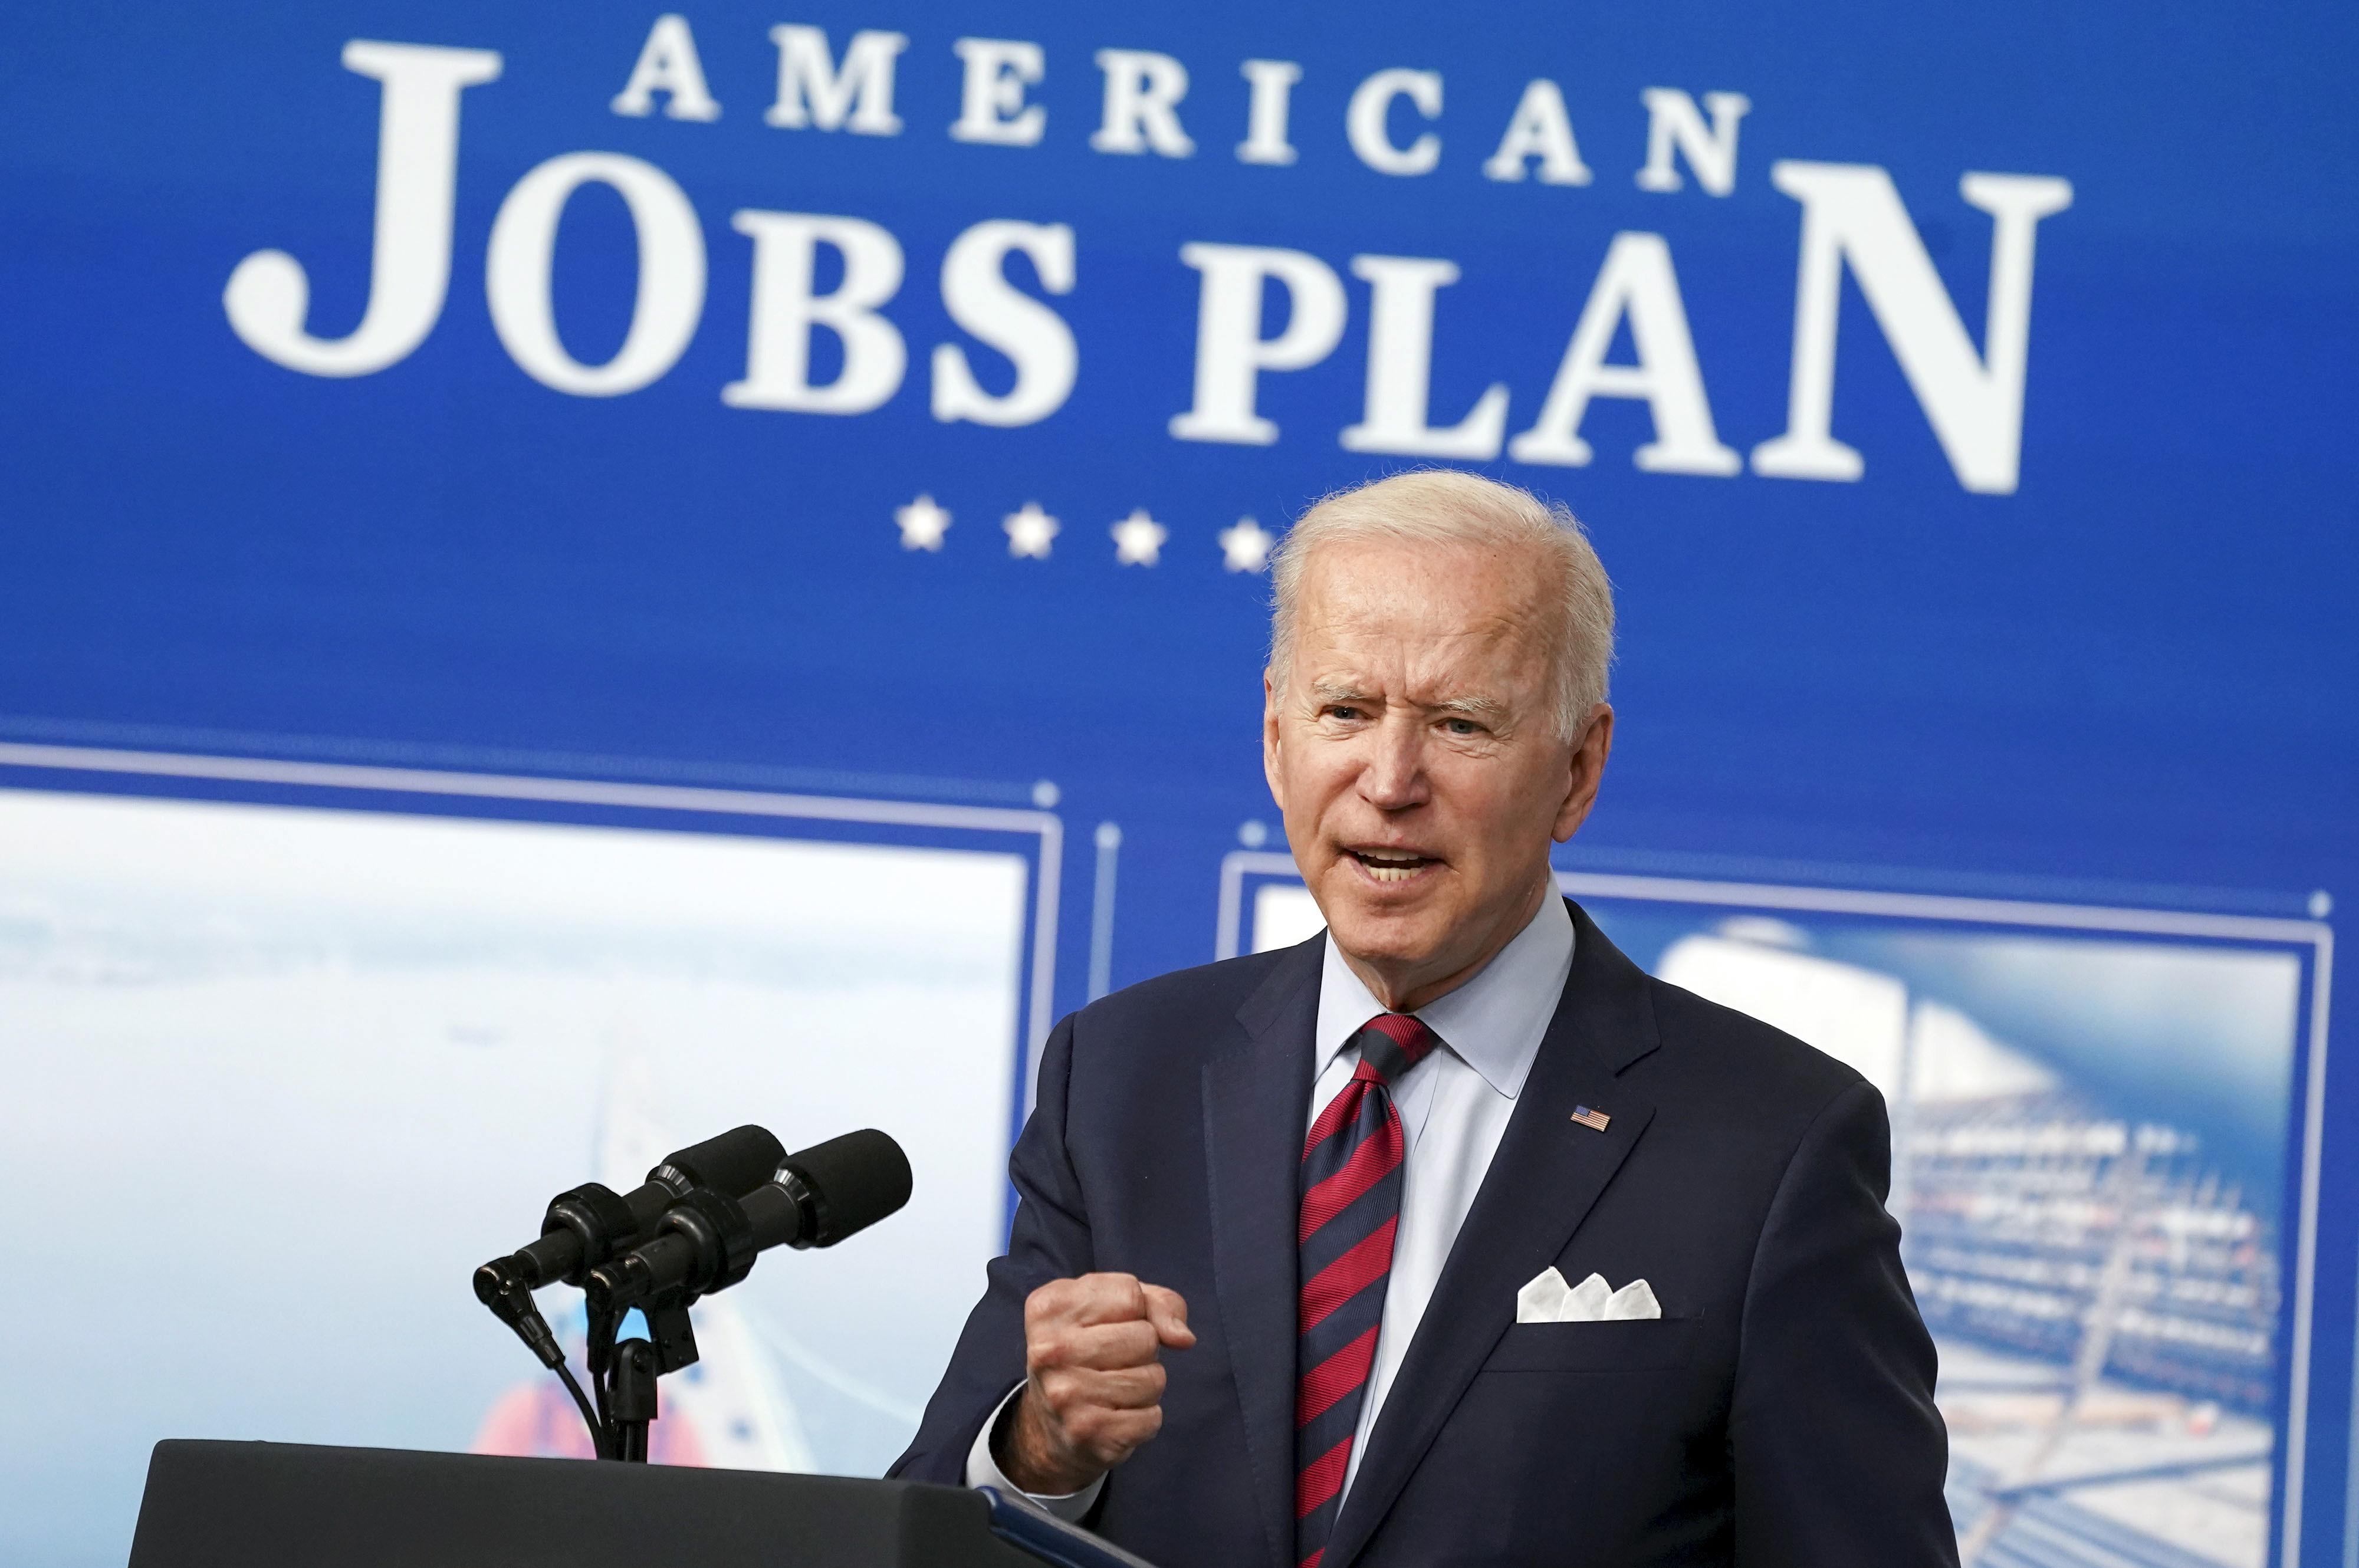 Tout comprendre aux plans Biden en 5 questions